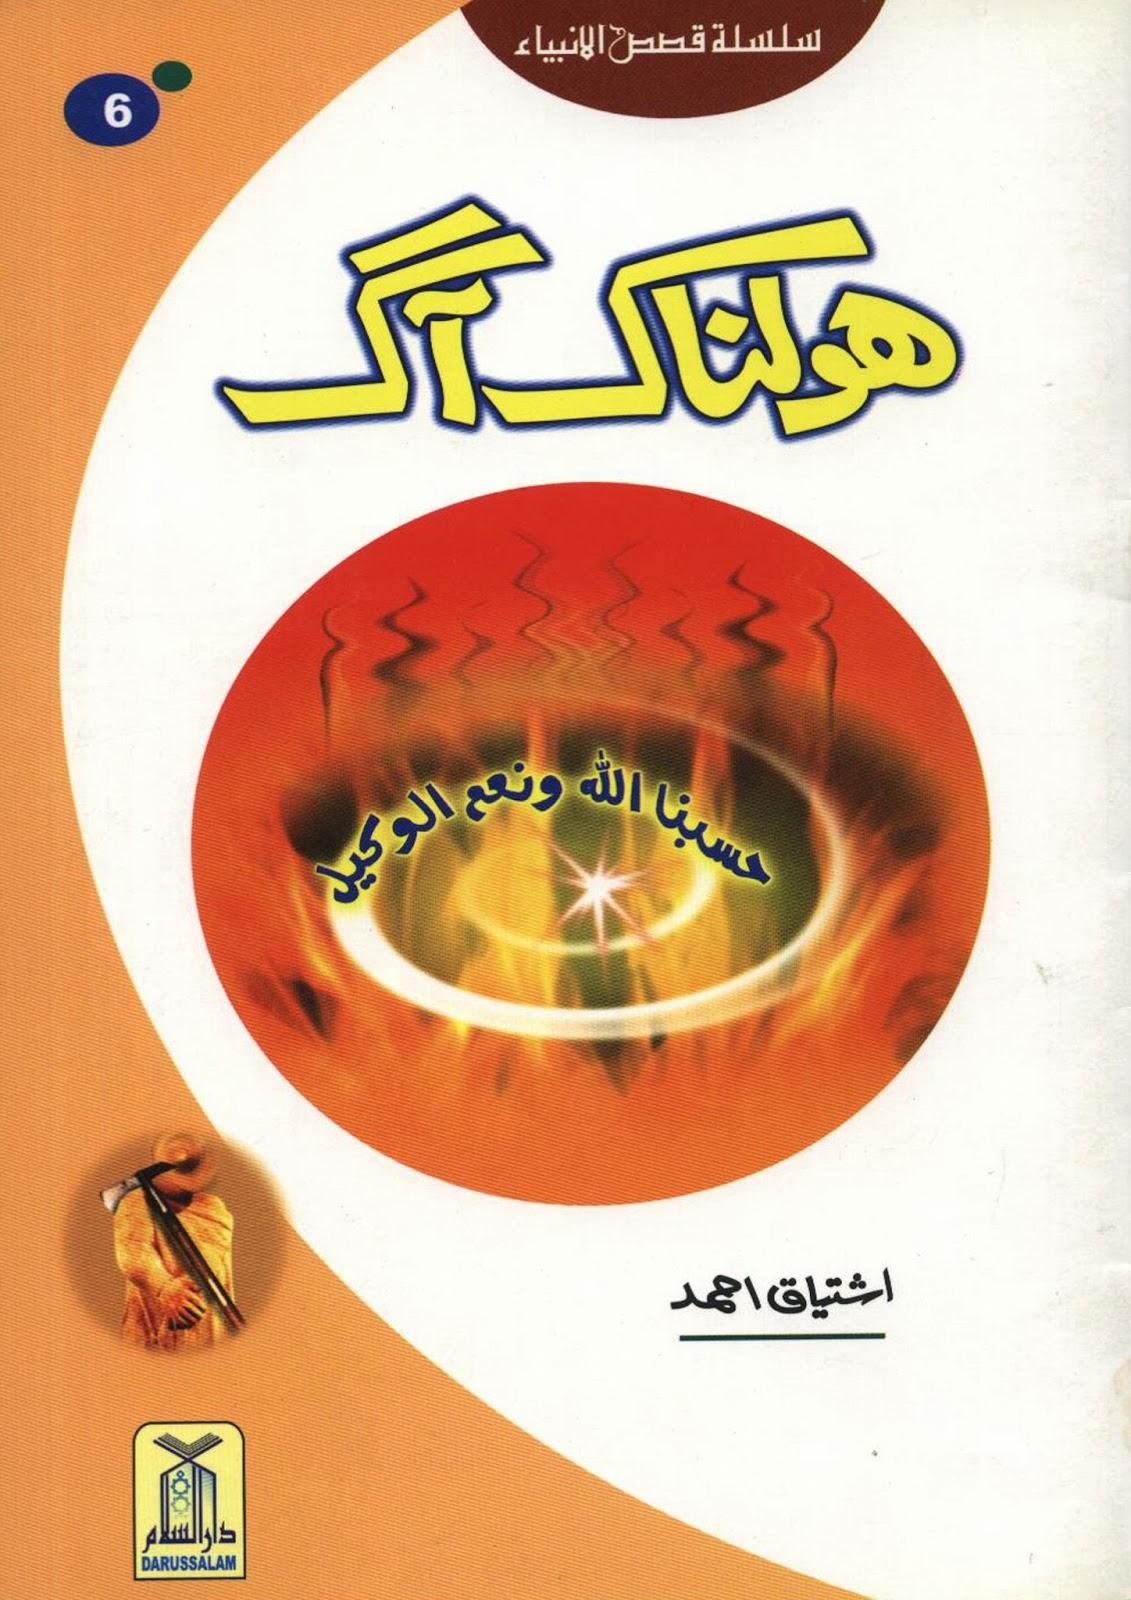 http://urduguru1.blogspot.com/2014/03/hol-naak-aagh-ibrahim-as.html